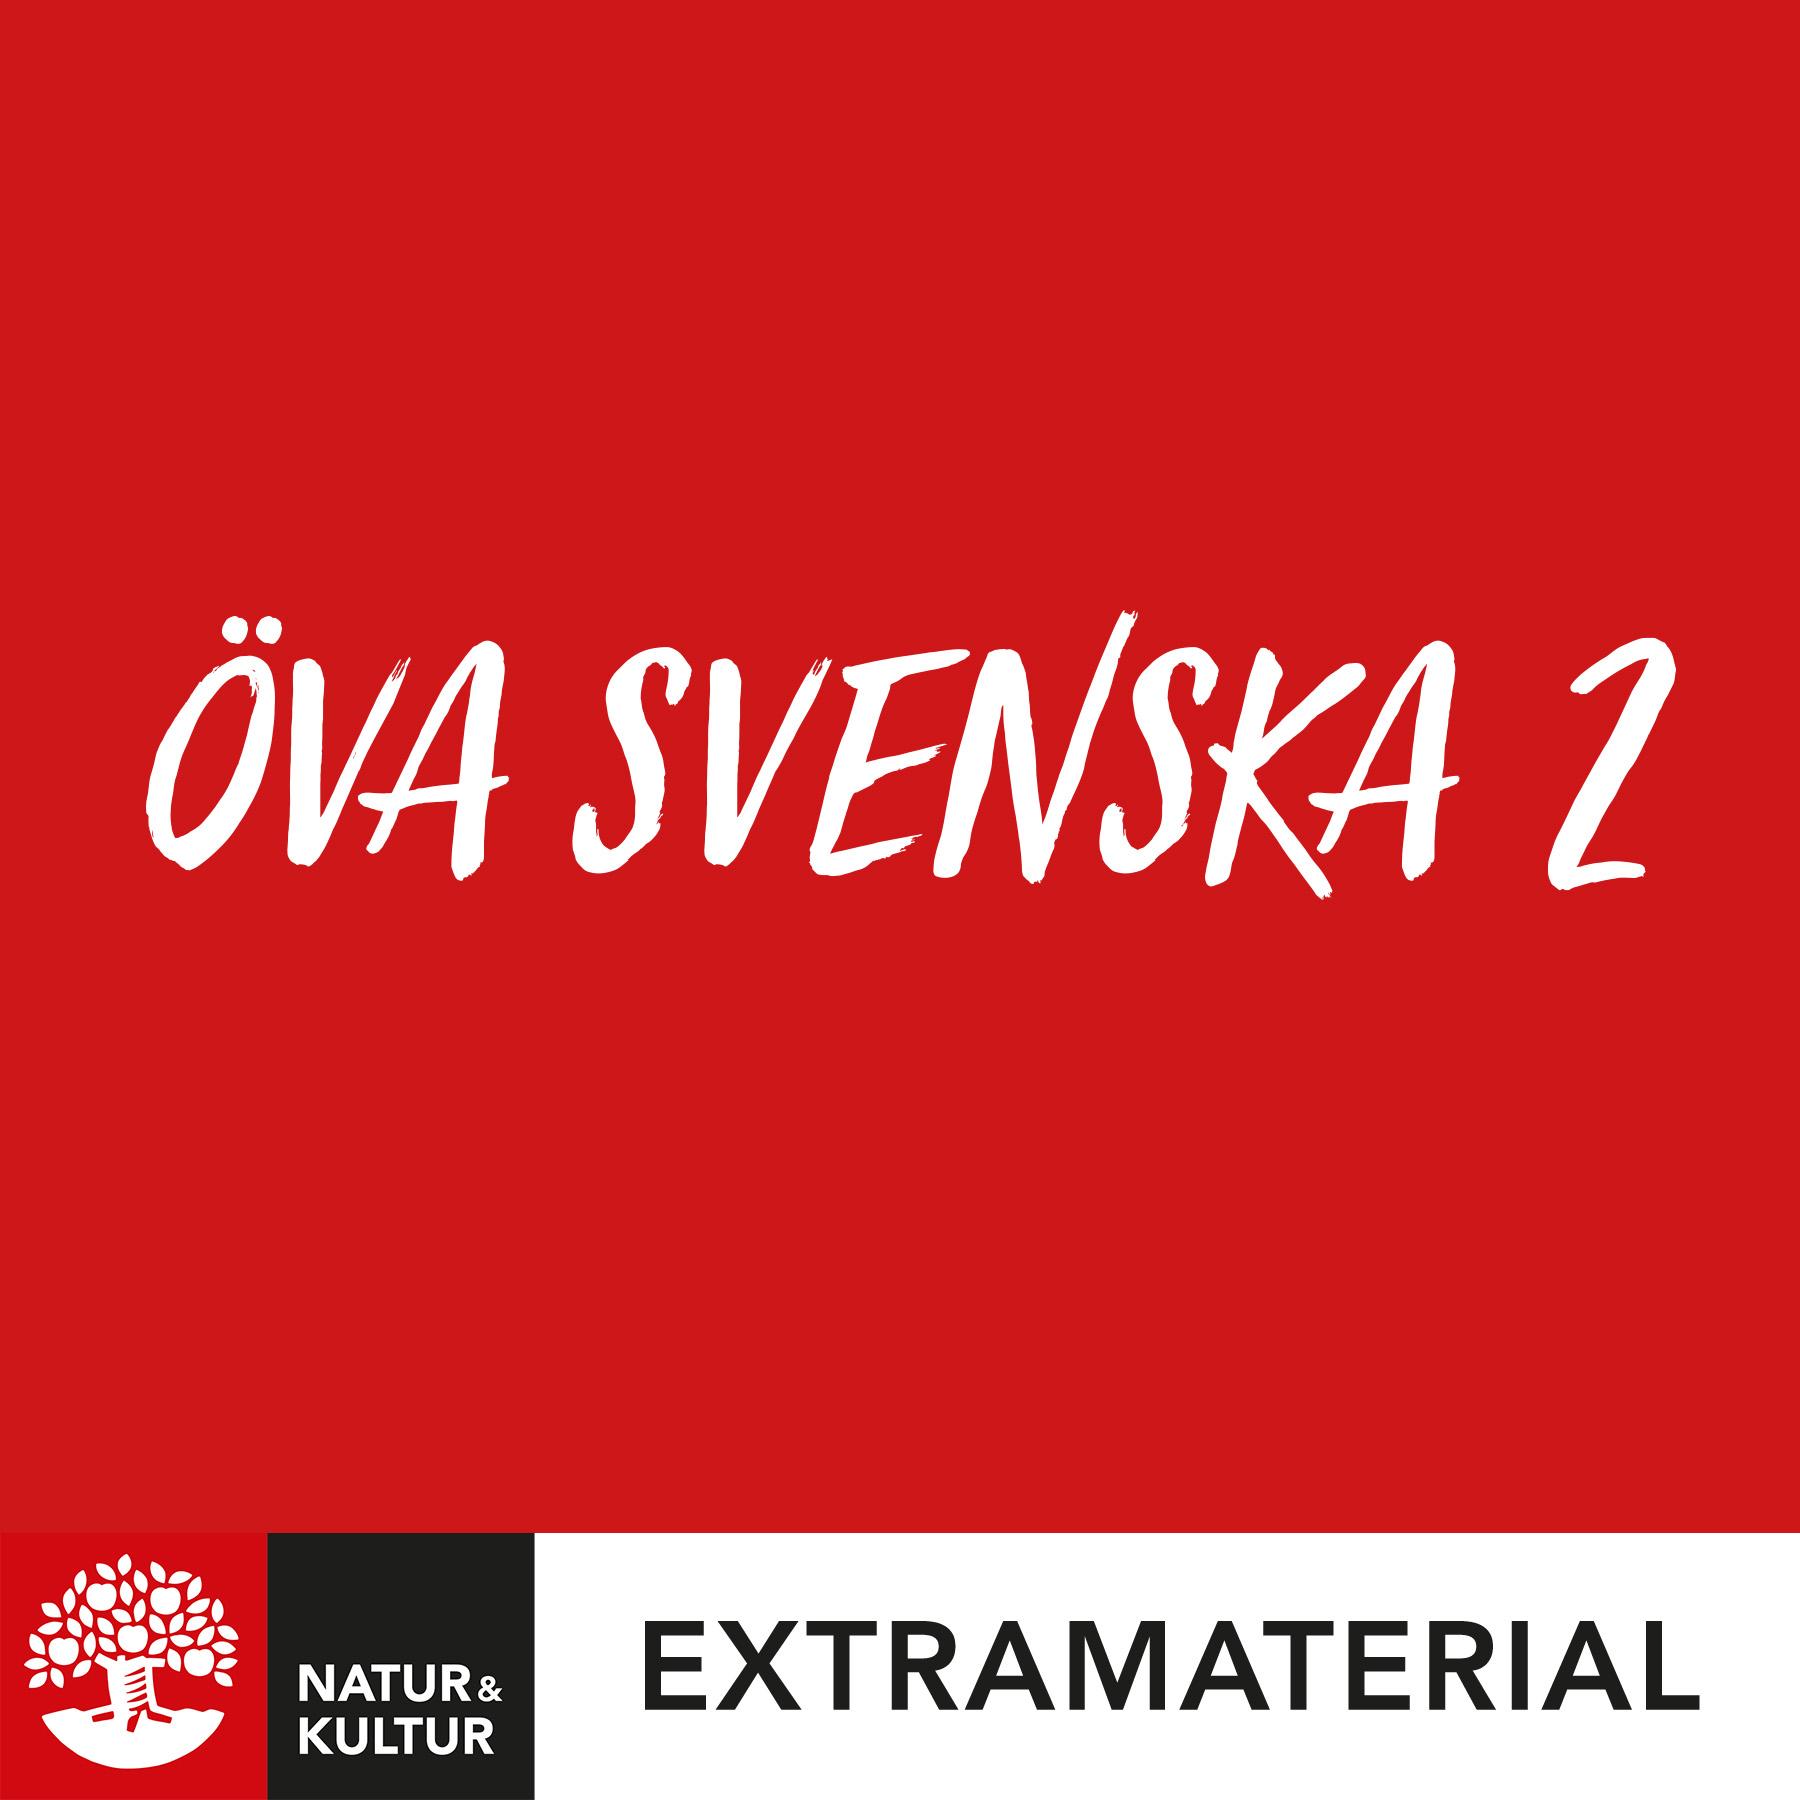 Öva svenska 2